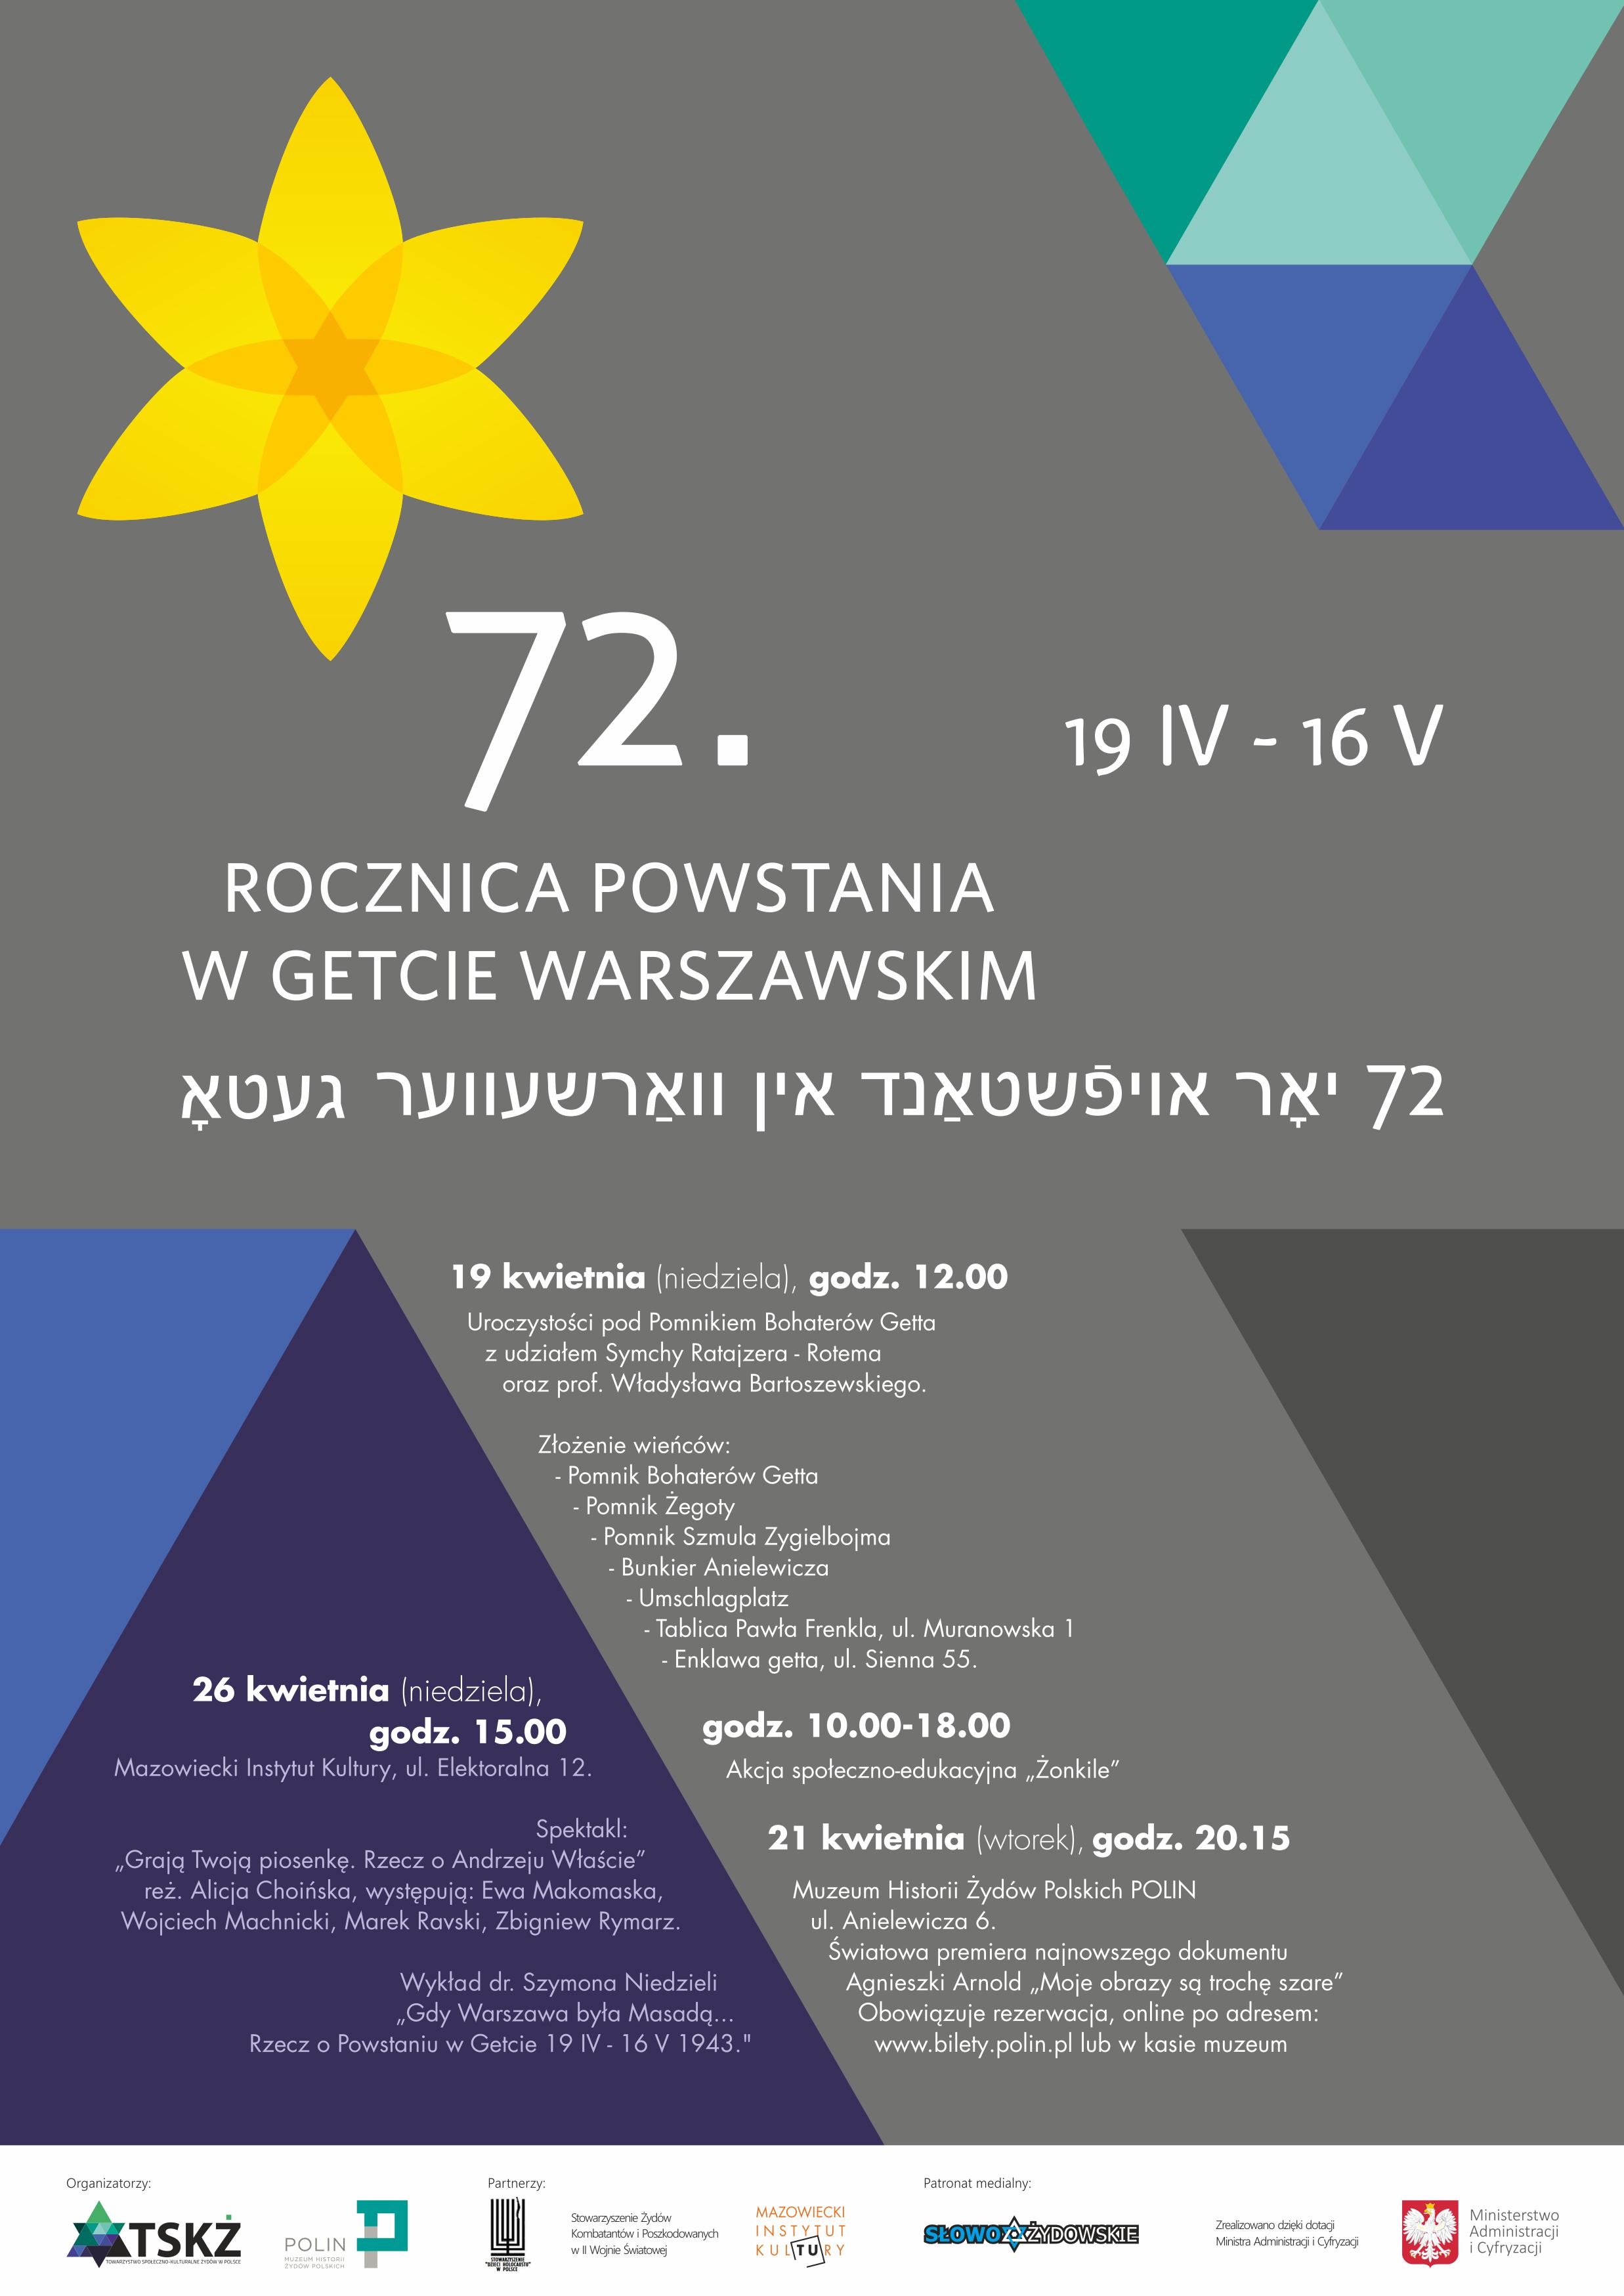 72 rocznica powstania w getcie